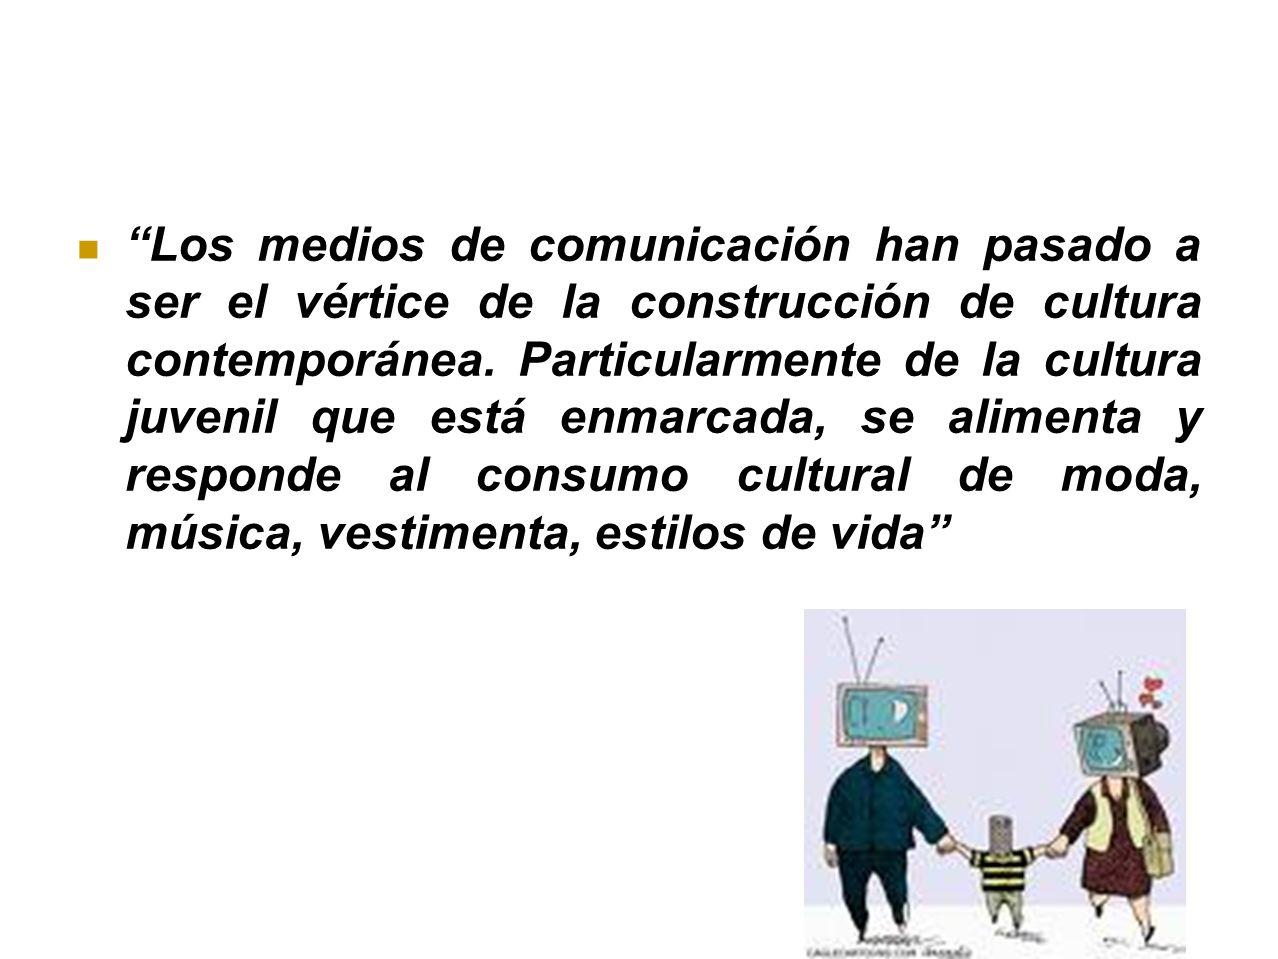 Los medios de comunicación han pasado a ser el vértice de la construcción de cultura contemporánea. Particularmente de la cultura juvenil que está enm